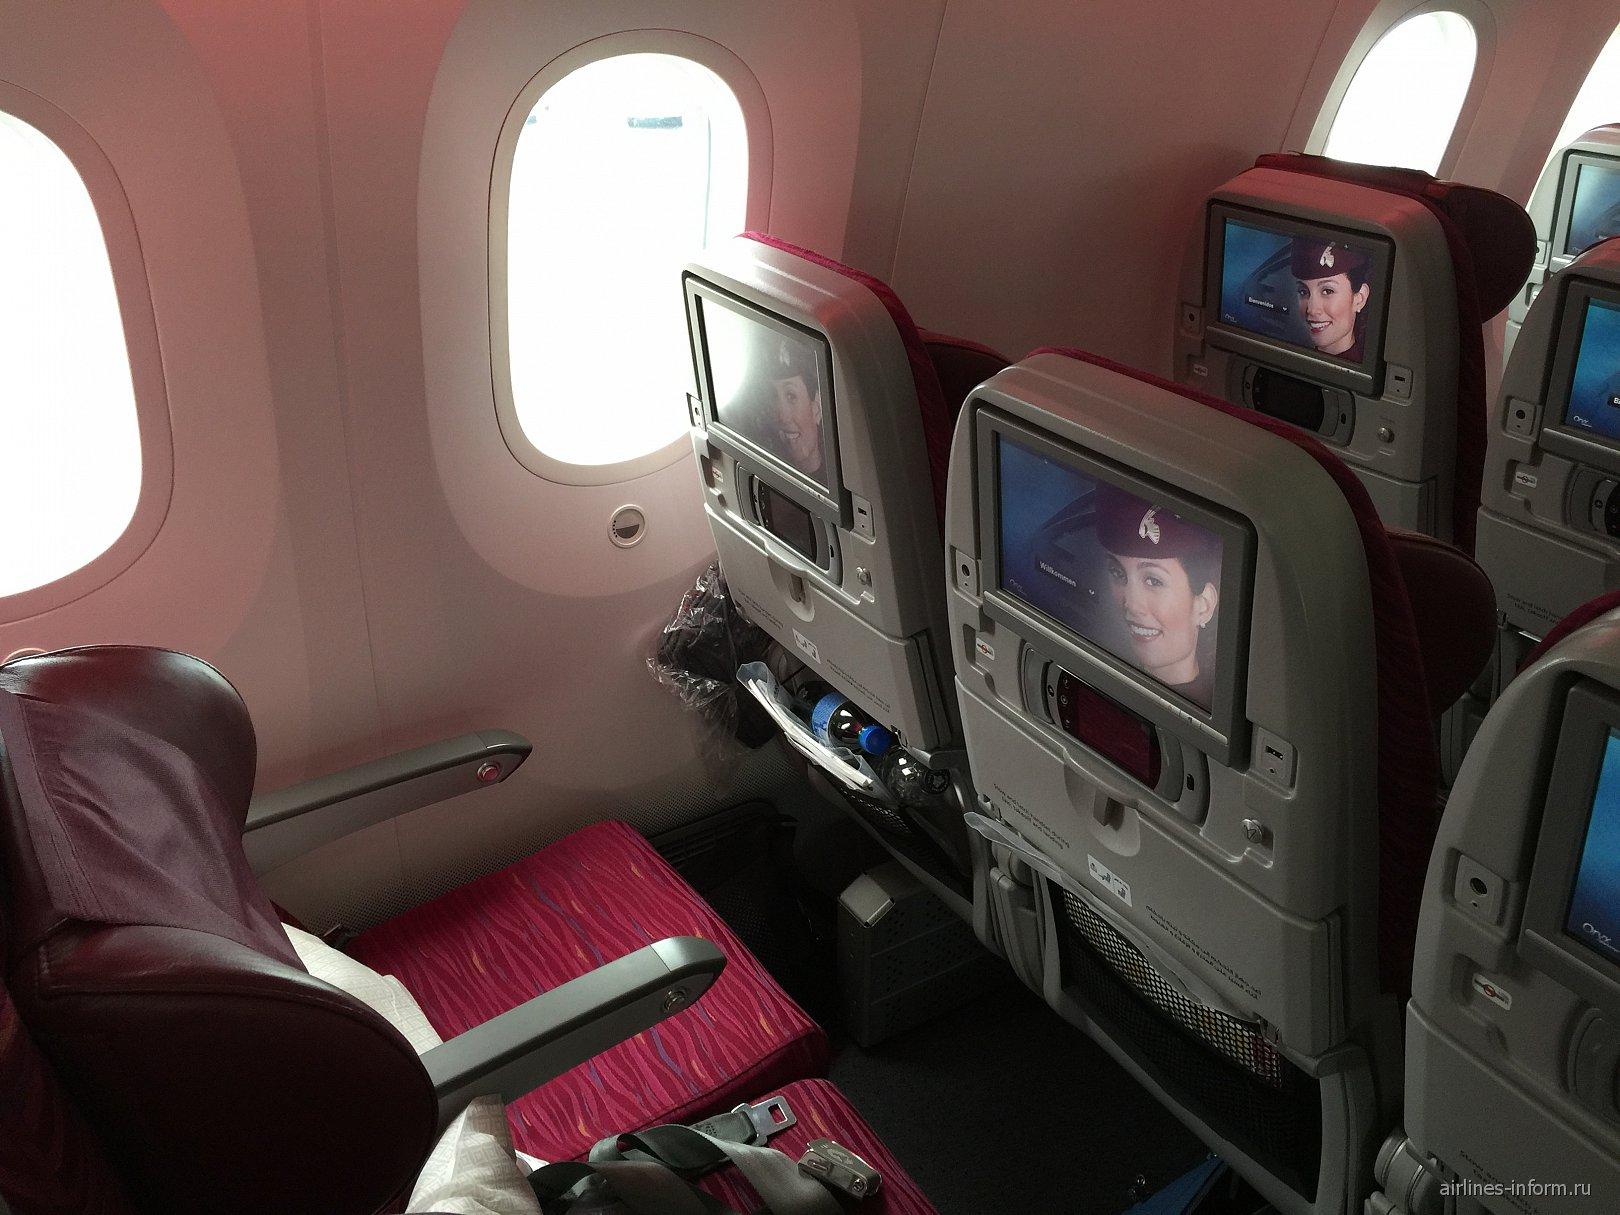 Места пассажиров эконом-класса в Боинге-787-8 Катарских авиалиний